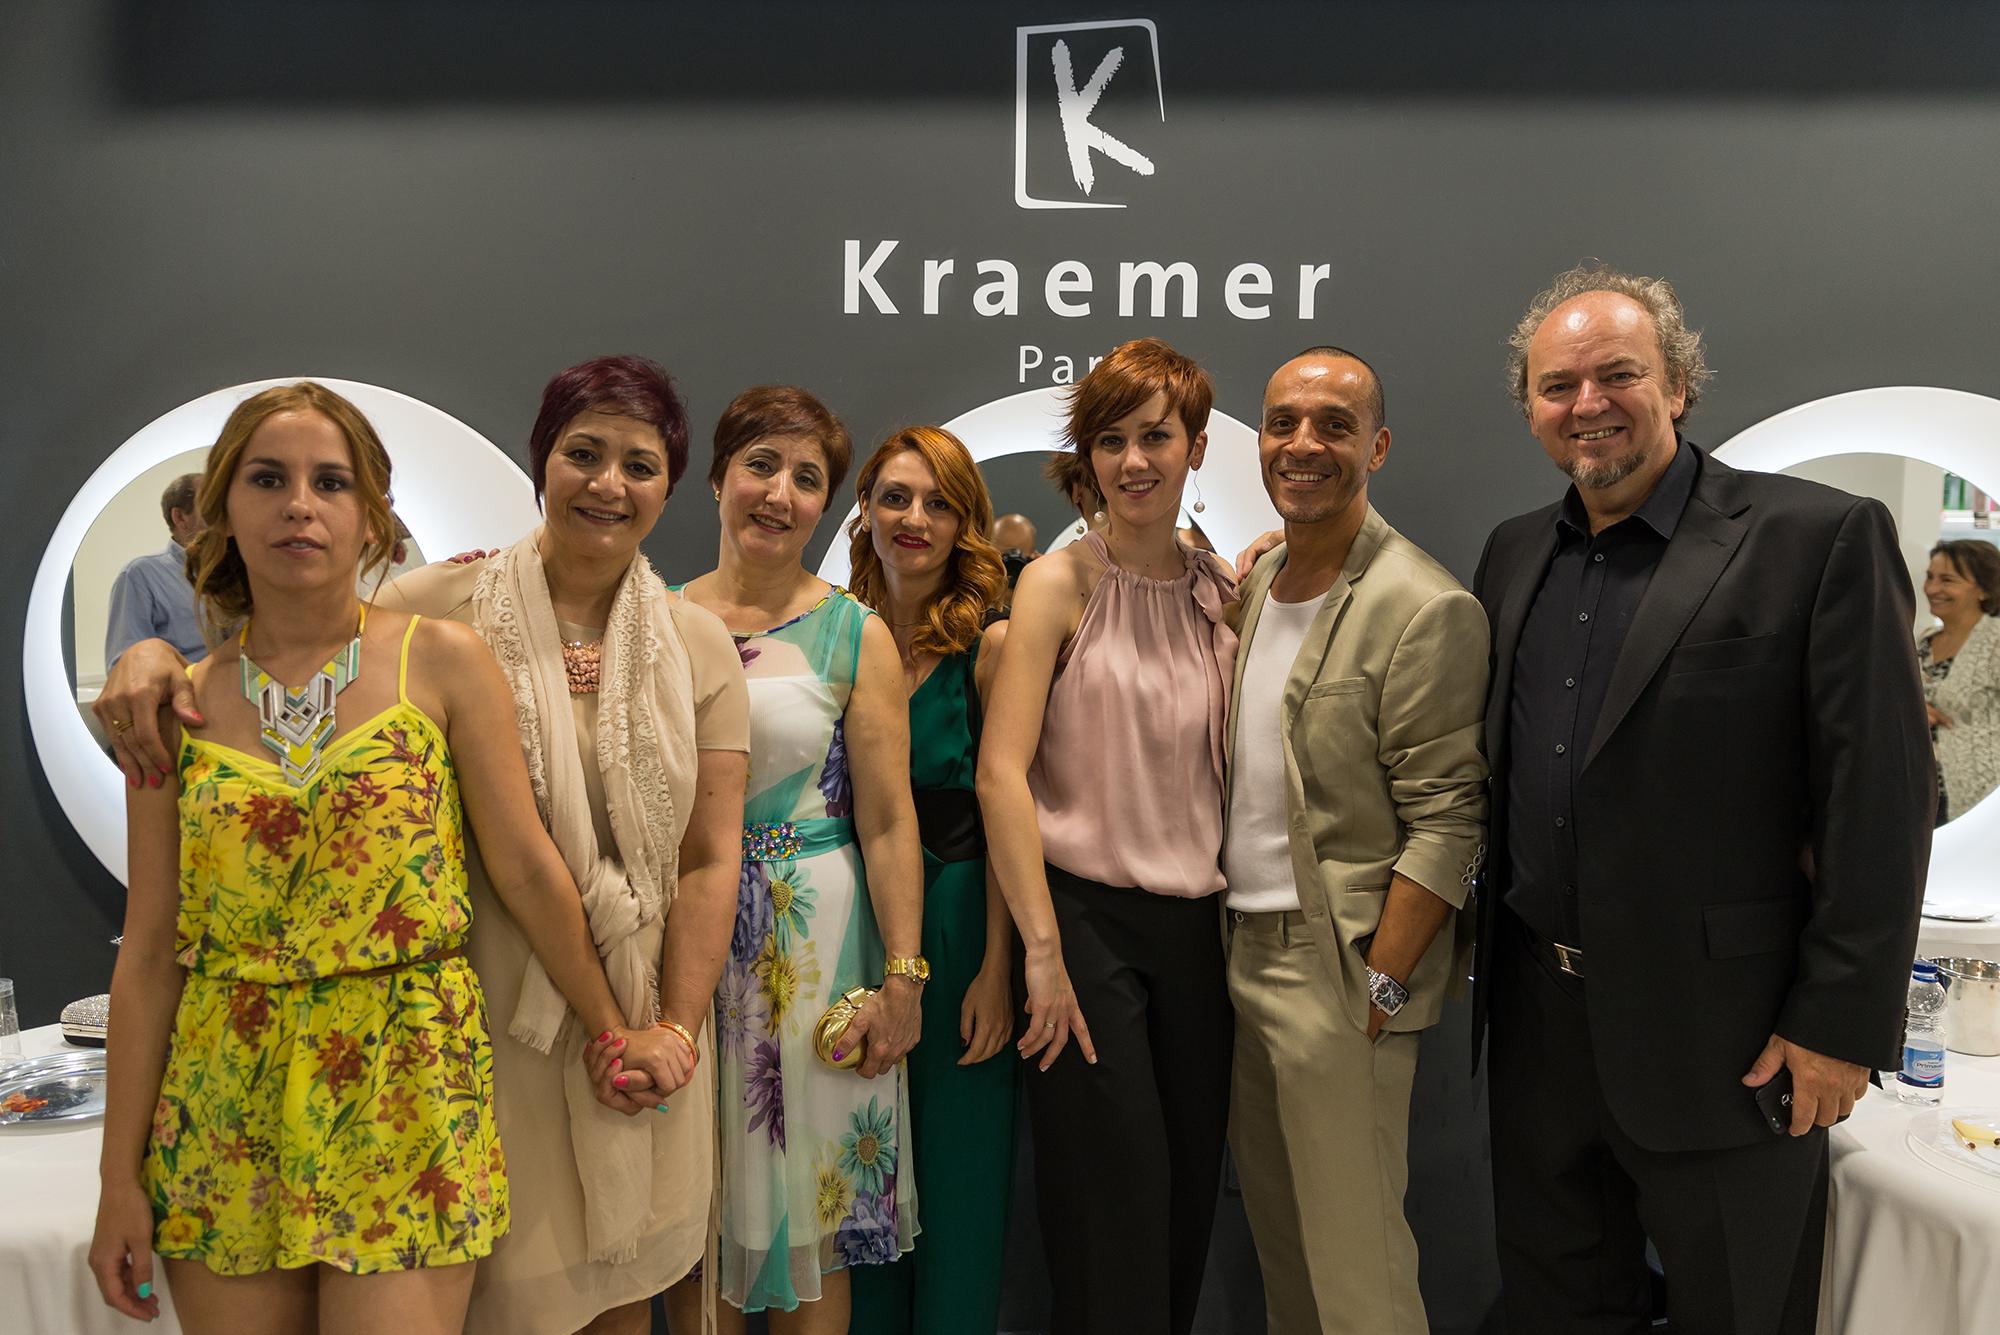 Hairdresser Kraemer Oviedo - Kraemer Coiffure Paris